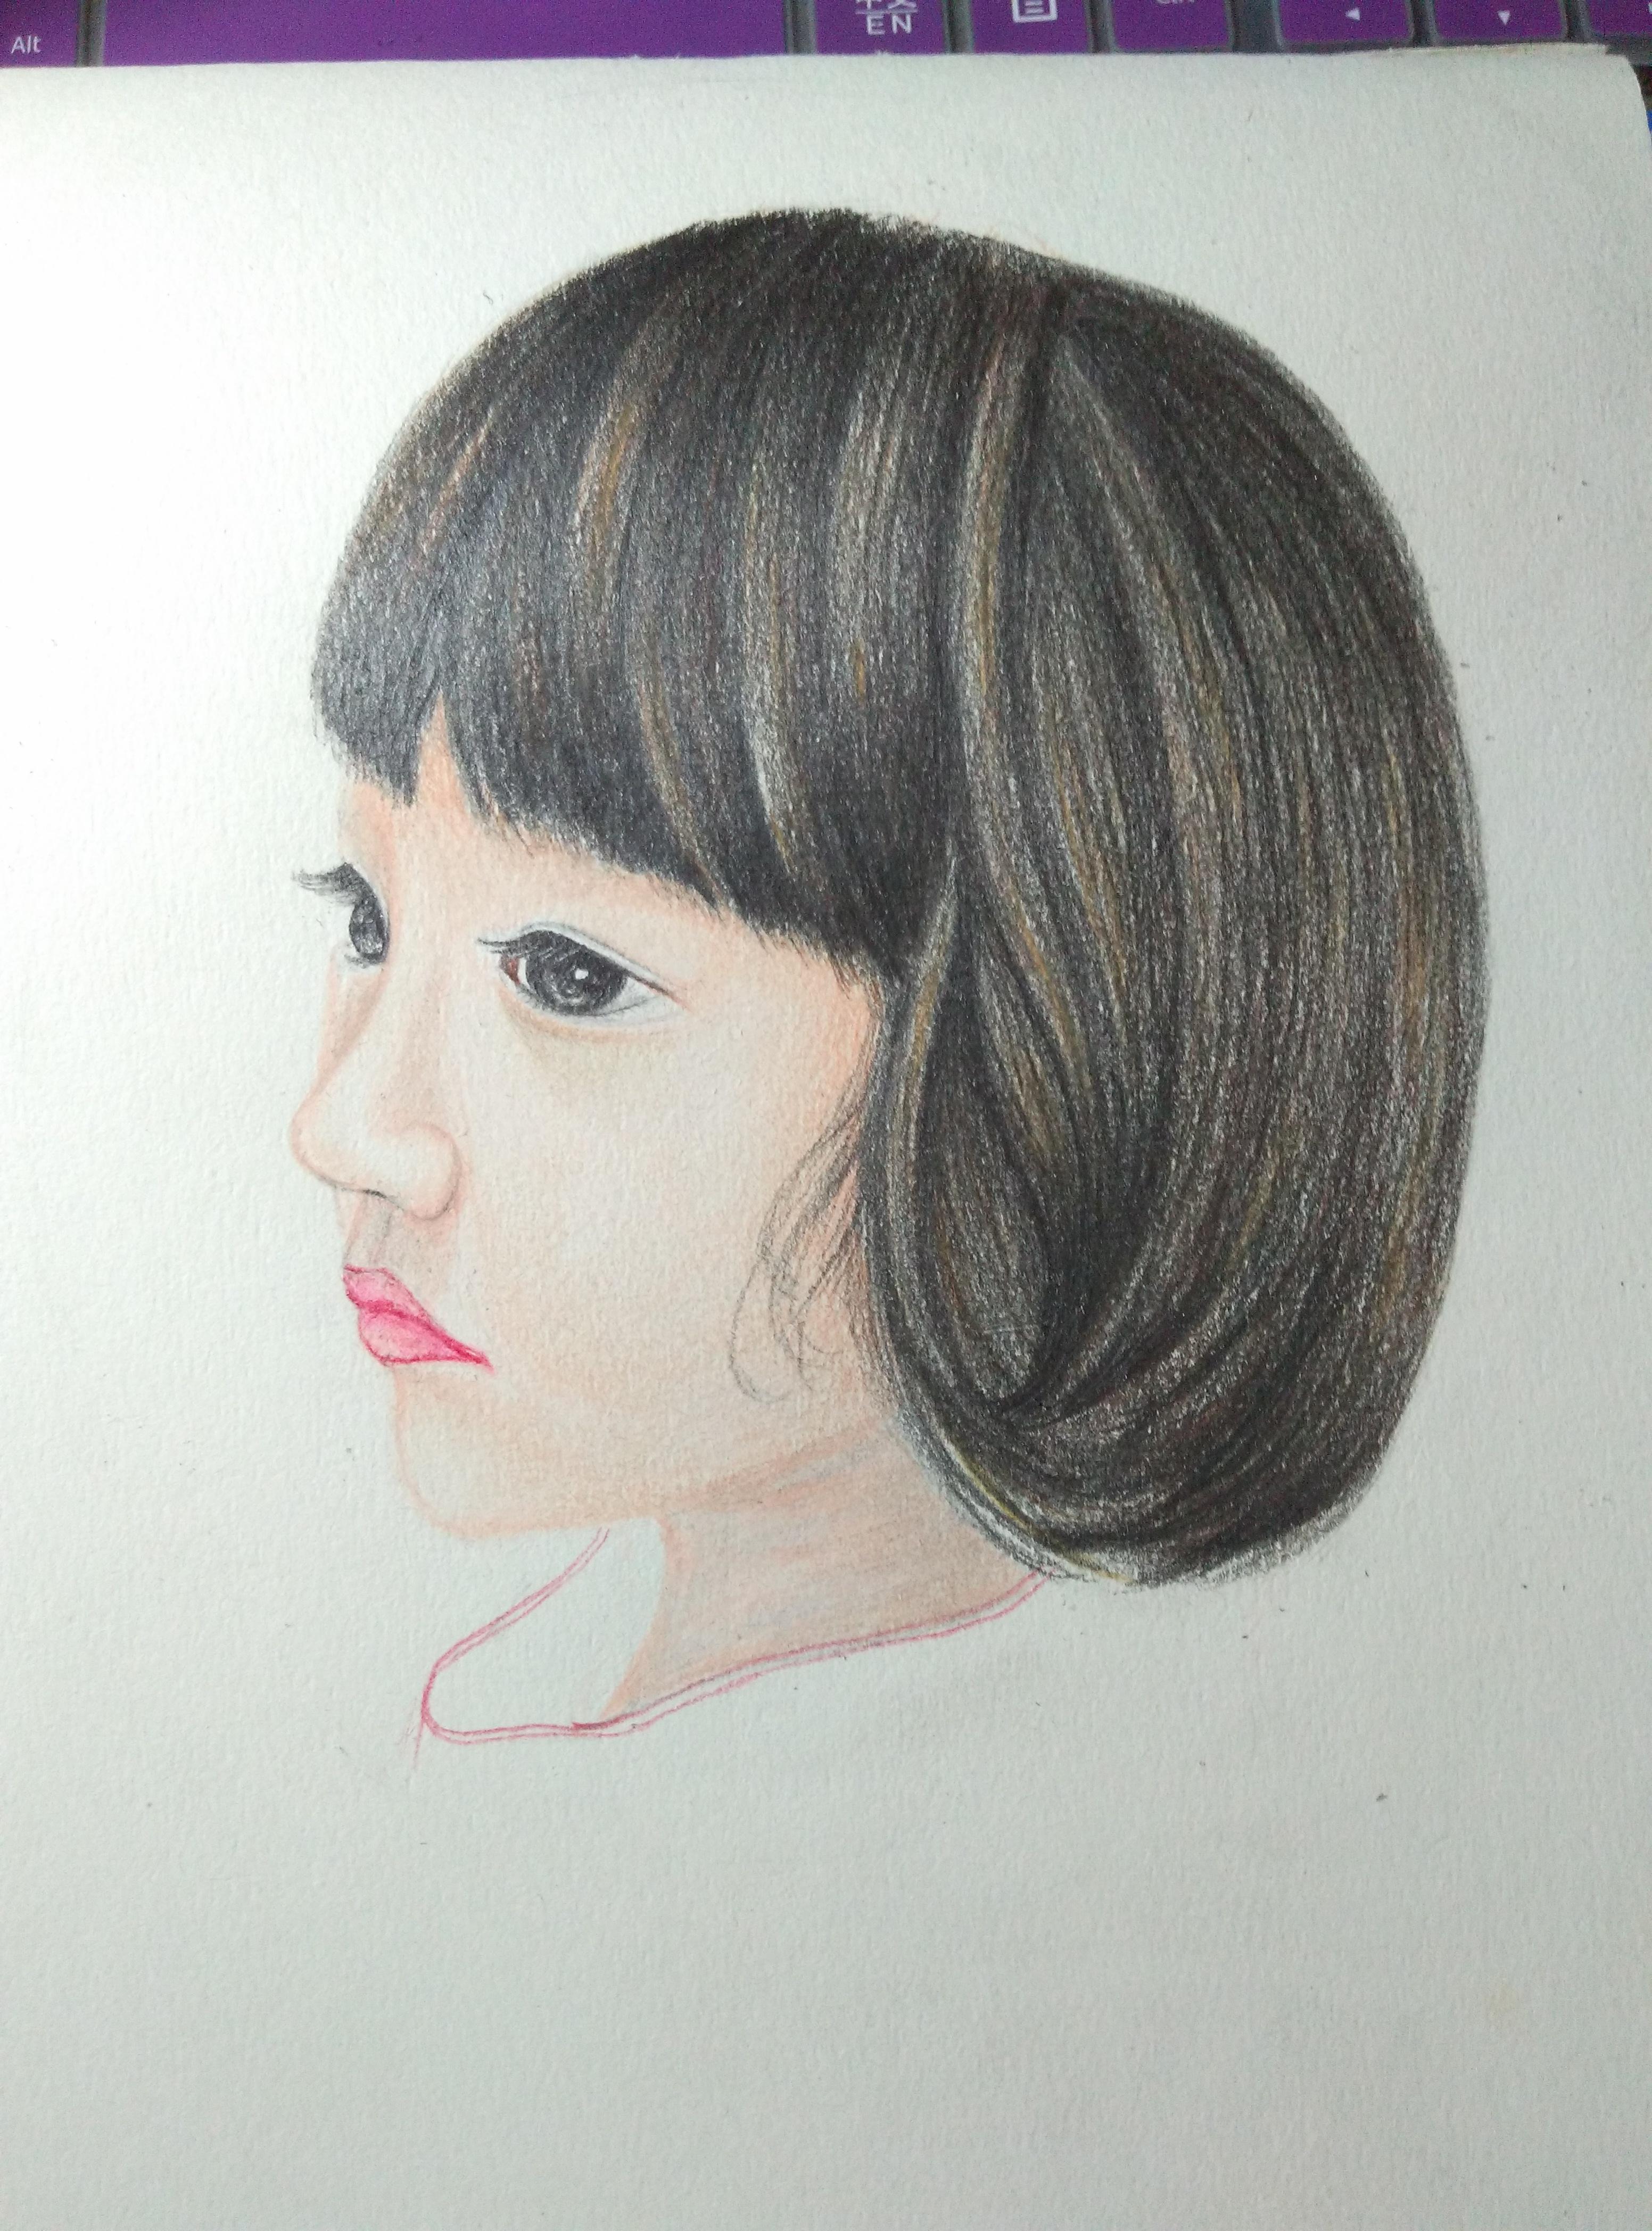 好久没有彩铅手绘了,第一次用彩铅画头像